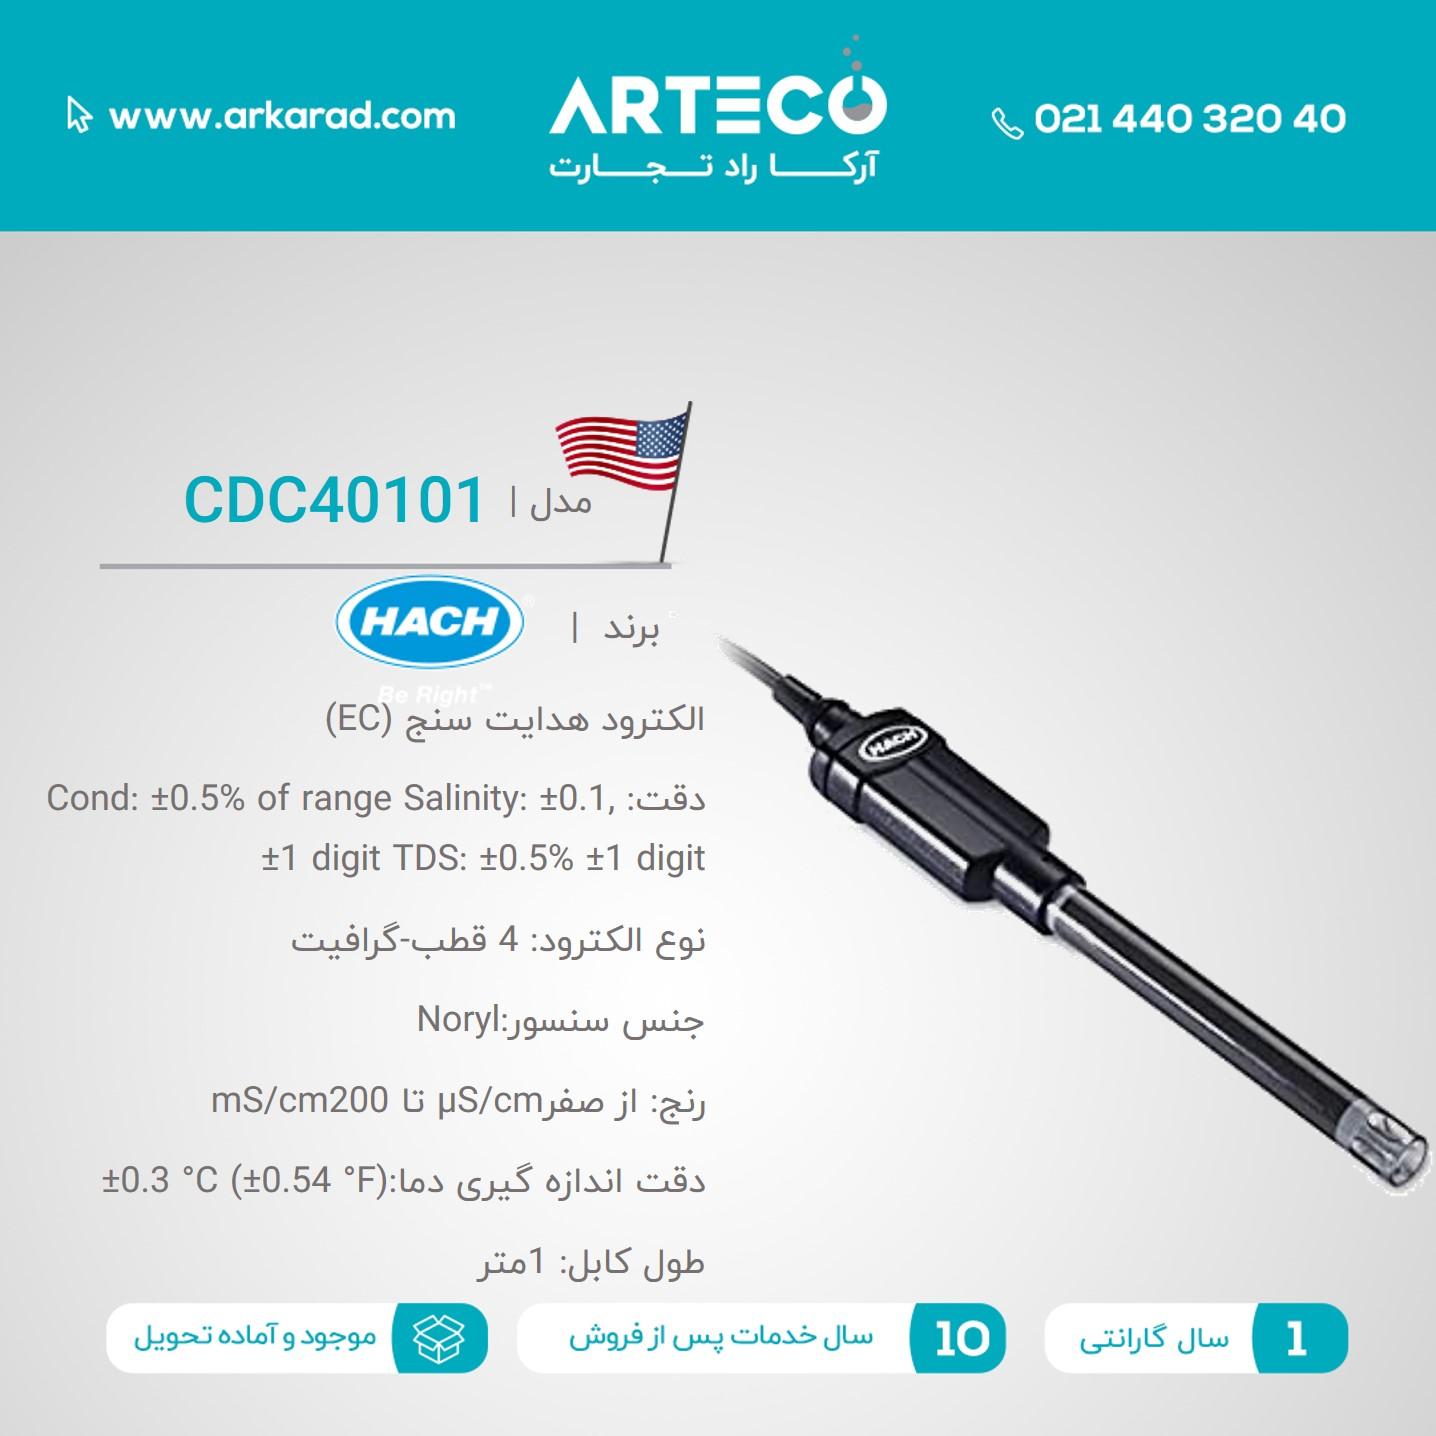 الکترود EC مدل CDC40101 کمپانی HACH آمریکا